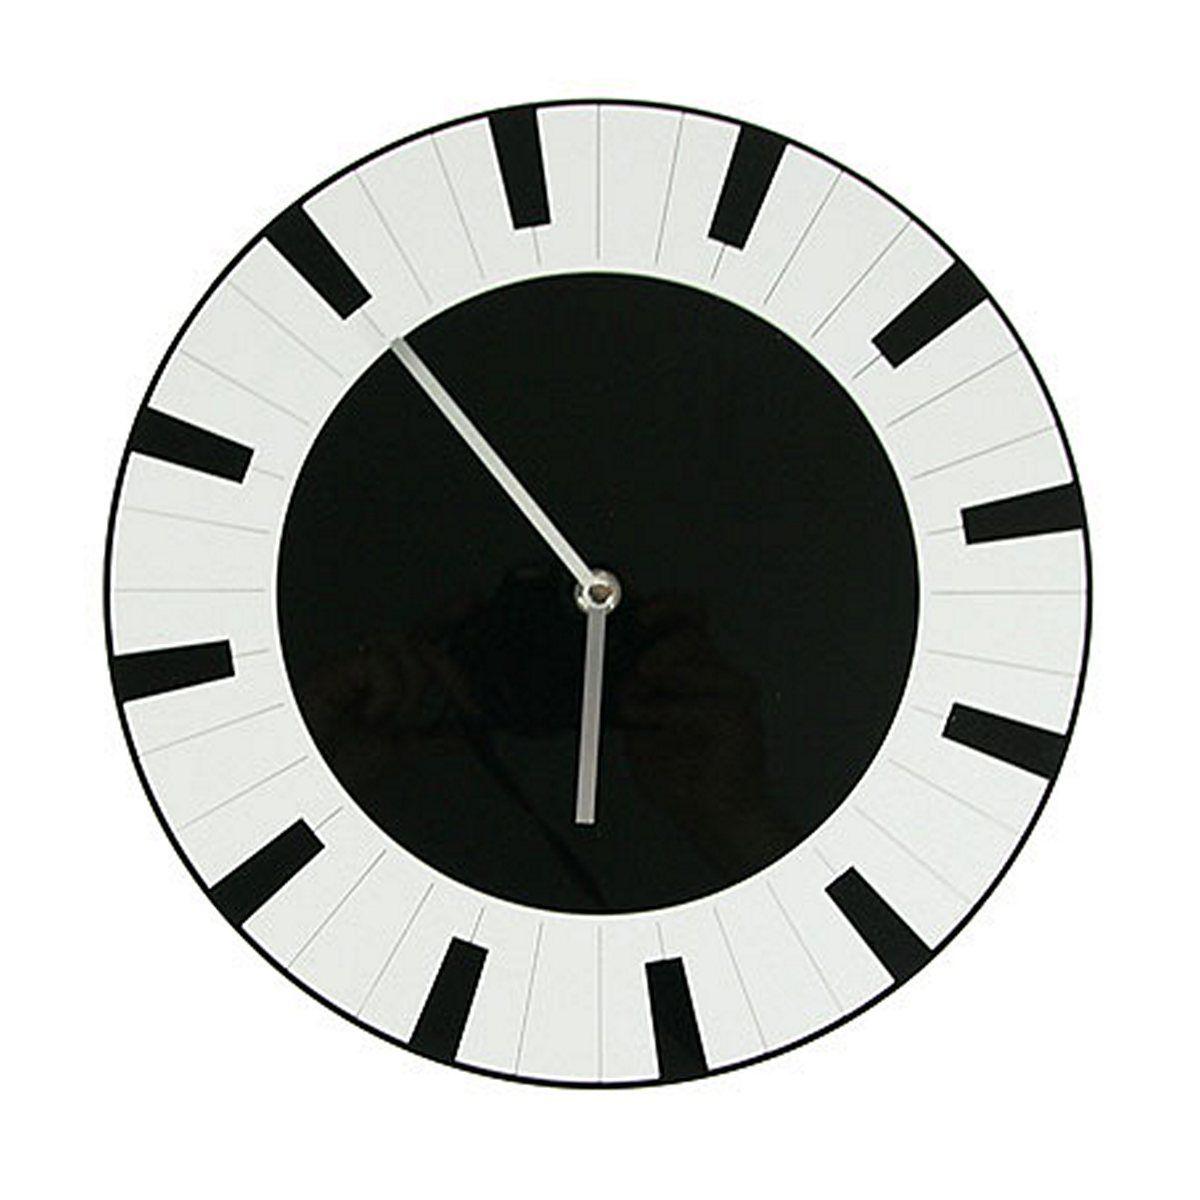 Часы настенные Русские Подарки, диаметр 30 см. 12241925051 7_желтыйНастенные кварцевые часы Русские Подарки изготовлены из полиамида. Часы имеют две стрелки - часовую и минутную. С обратной стороны имеетсяпетелька для подвешивания на стену.Изящные часы красиво и оригинально оформят интерьер дома или офиса. Также часы могут стать уникальным, полезным подарком для родственников, коллег, знакомых и близких.Часы работают от батареек типа АА (в комплект не входят).